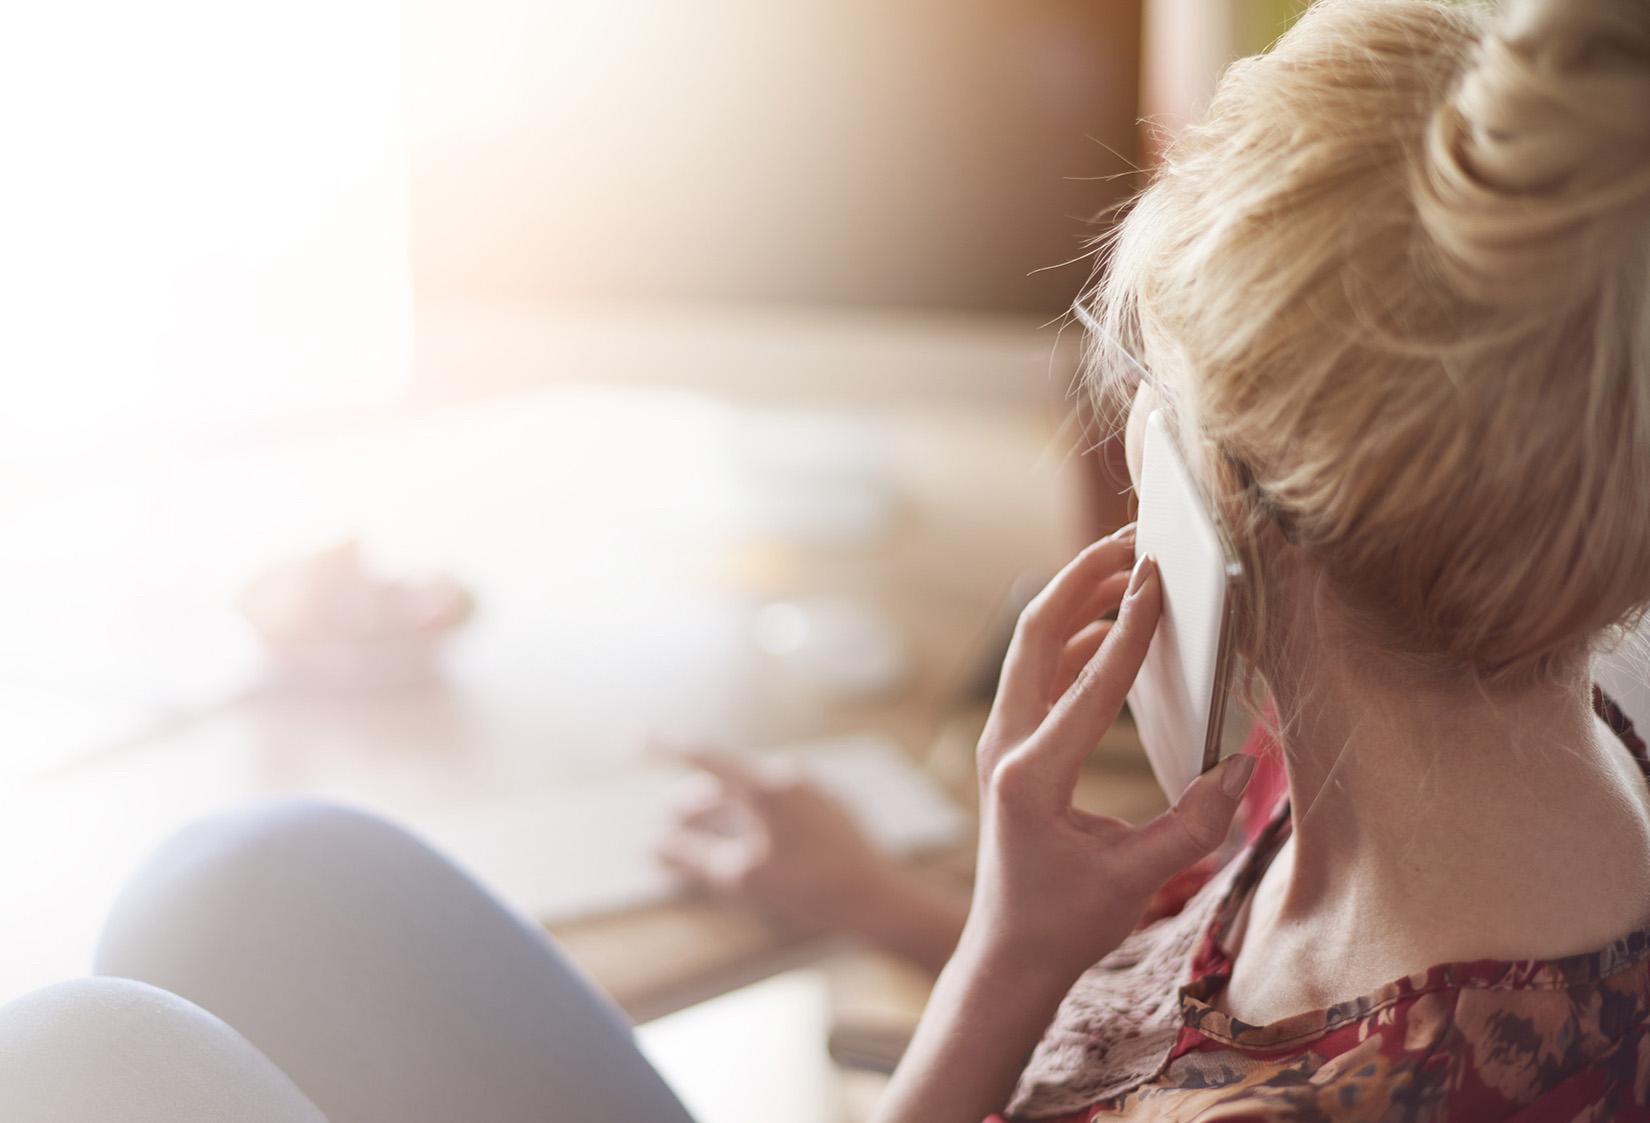 Écoute professionnelle | Maison d'hébergement | Femme | Aide